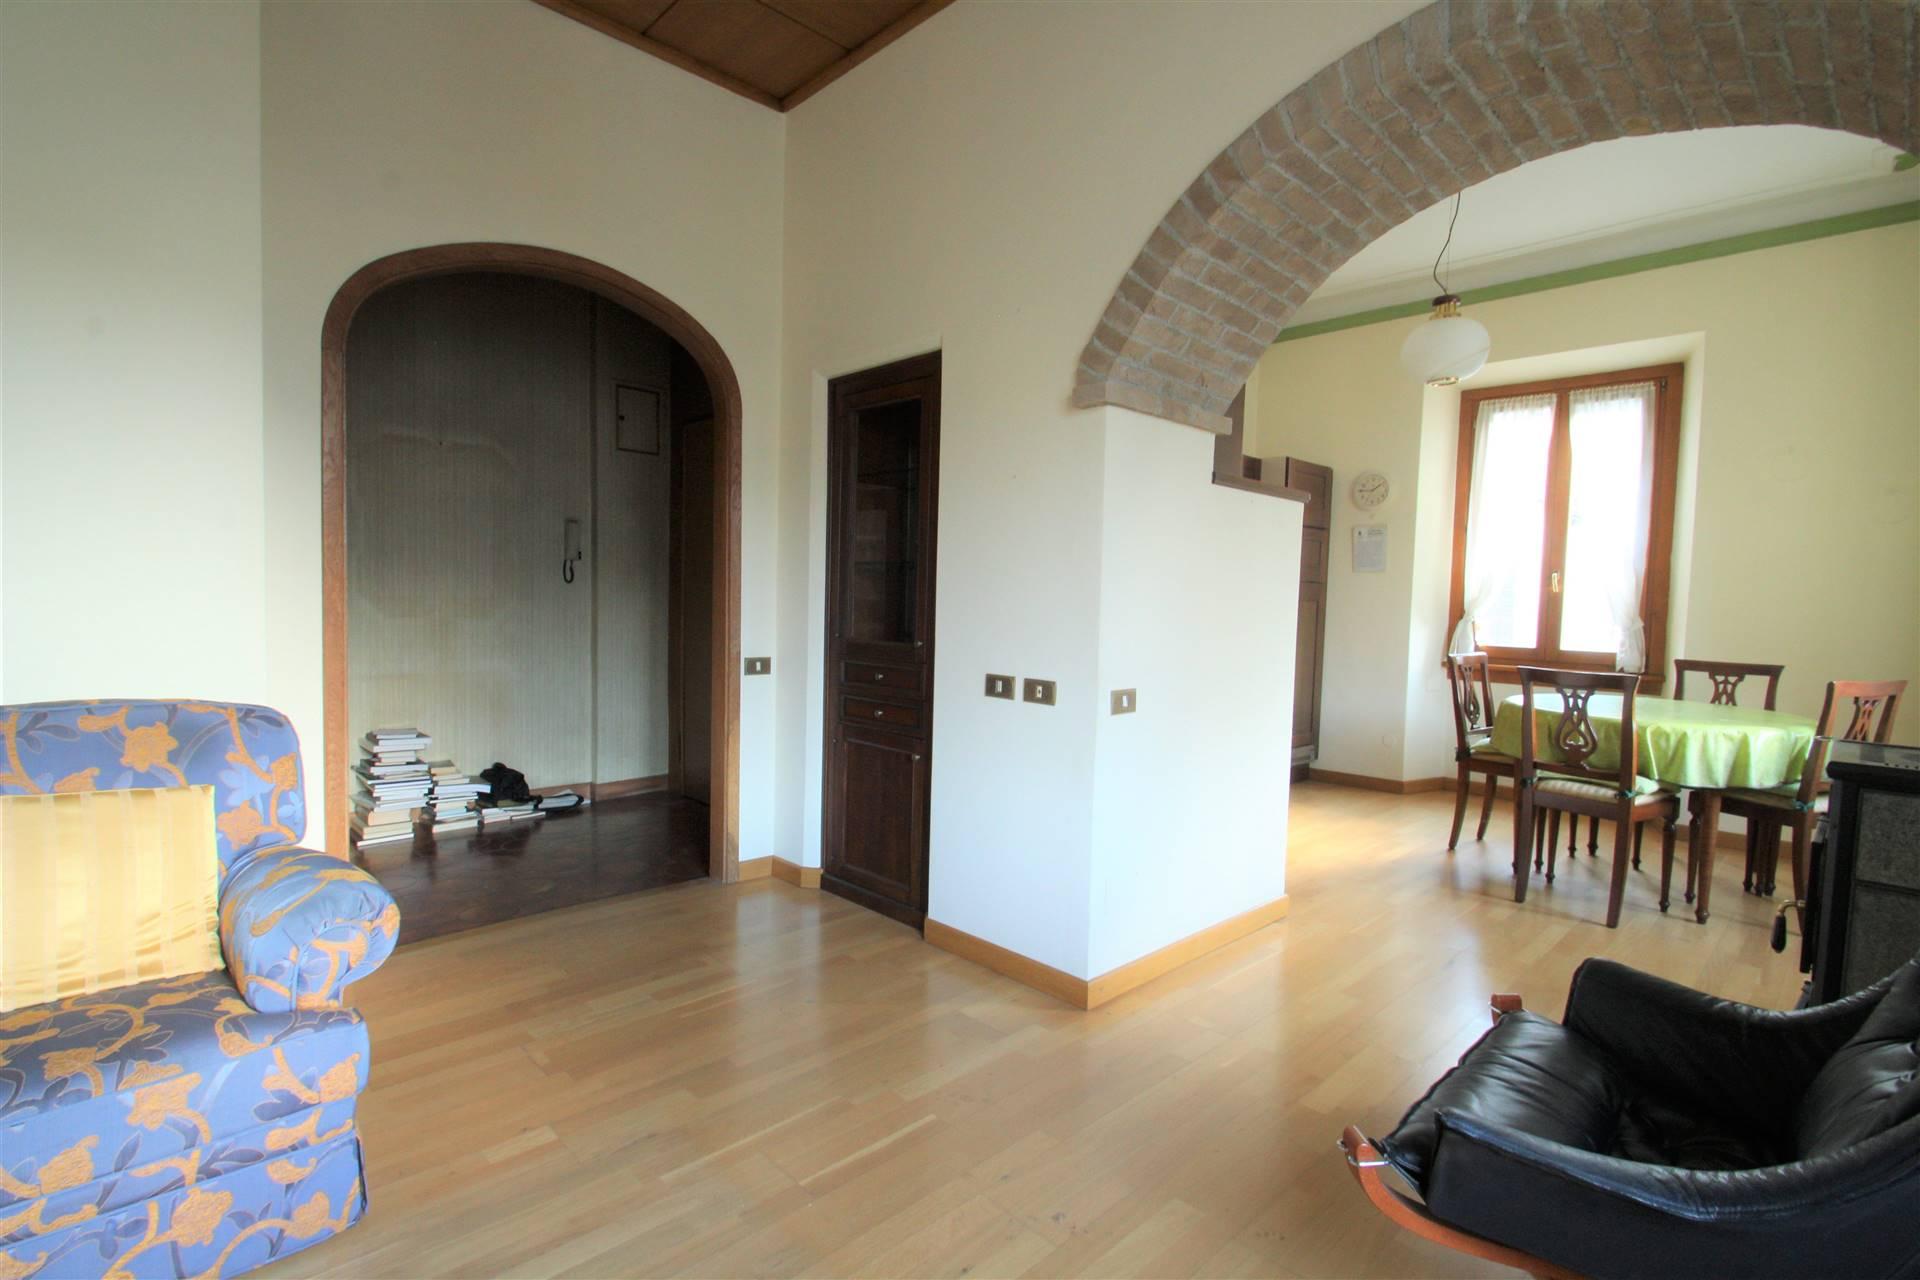 Appartamento in vendita a Chiavenna, 4 locali, prezzo € 270.000 | PortaleAgenzieImmobiliari.it